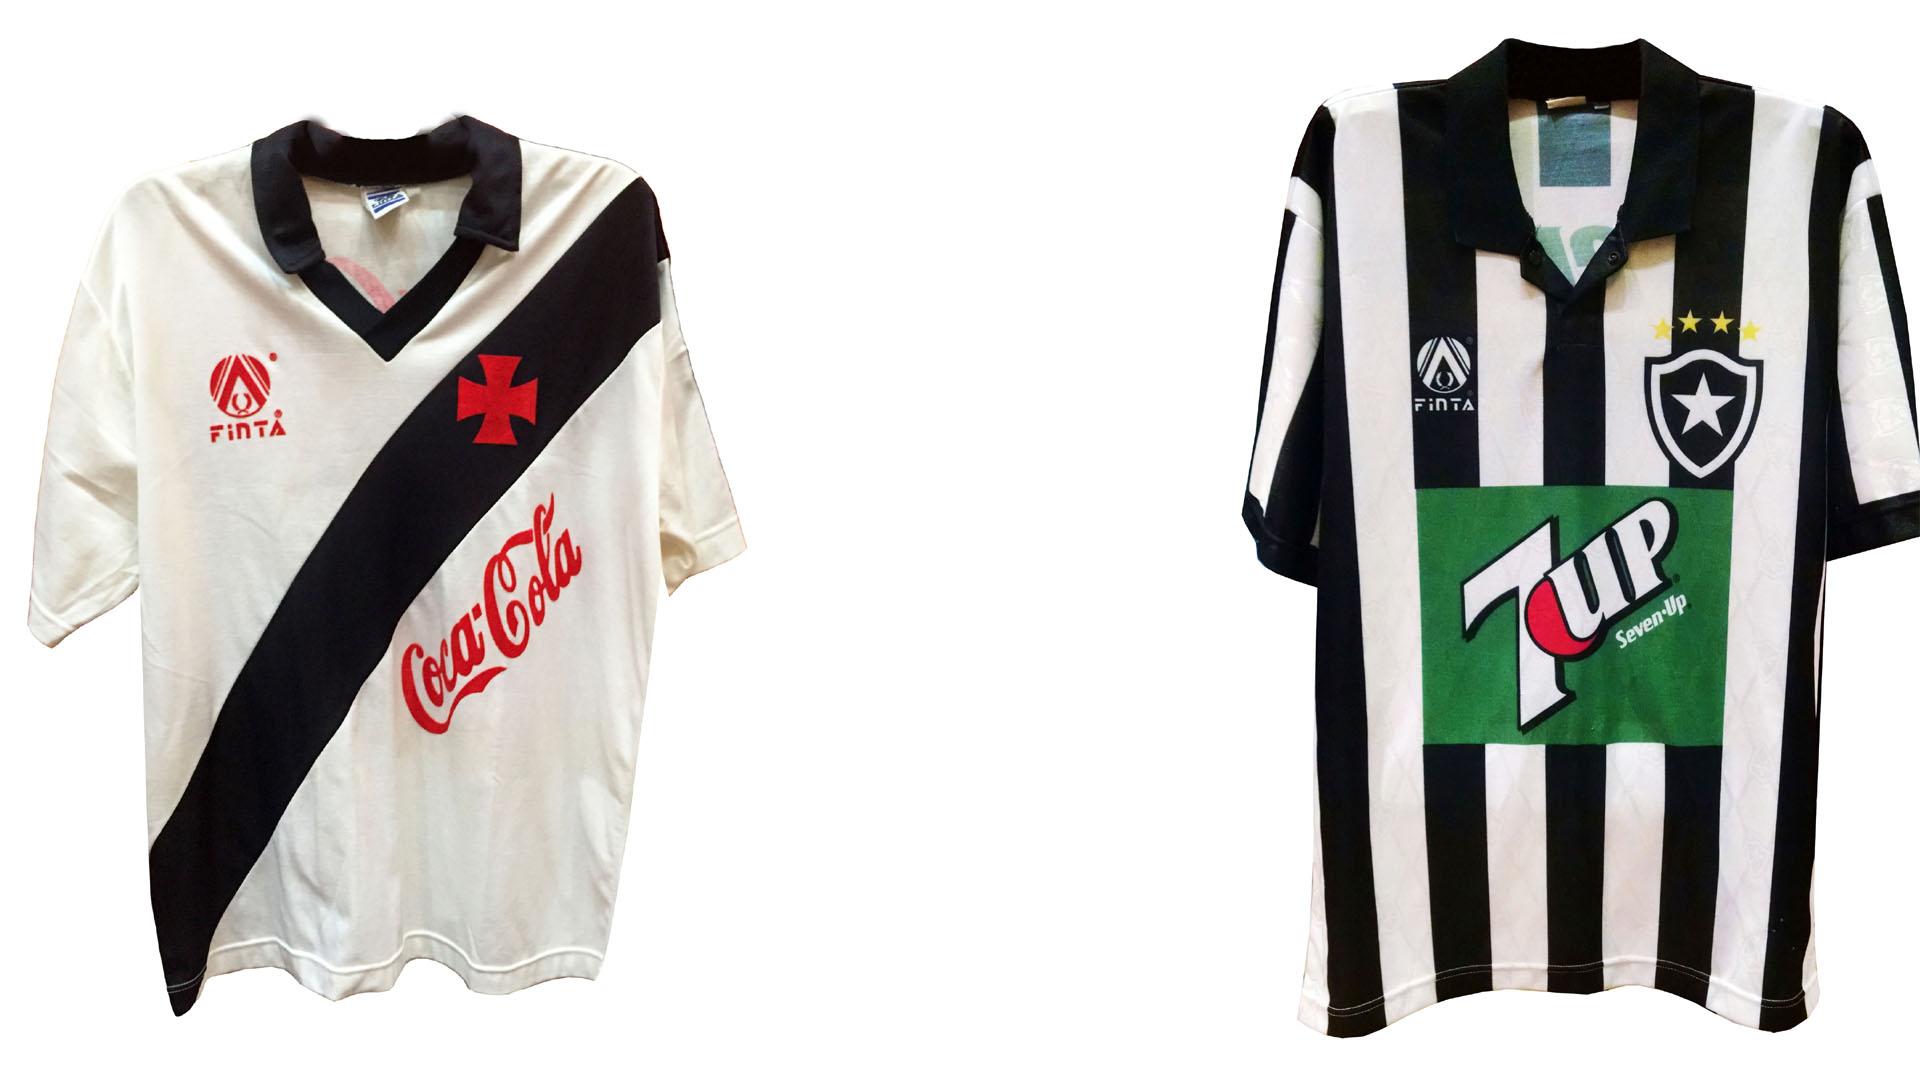 Loja vende camisas originais de Vasco-89 e Botafogo-95 eb0318e2eb445